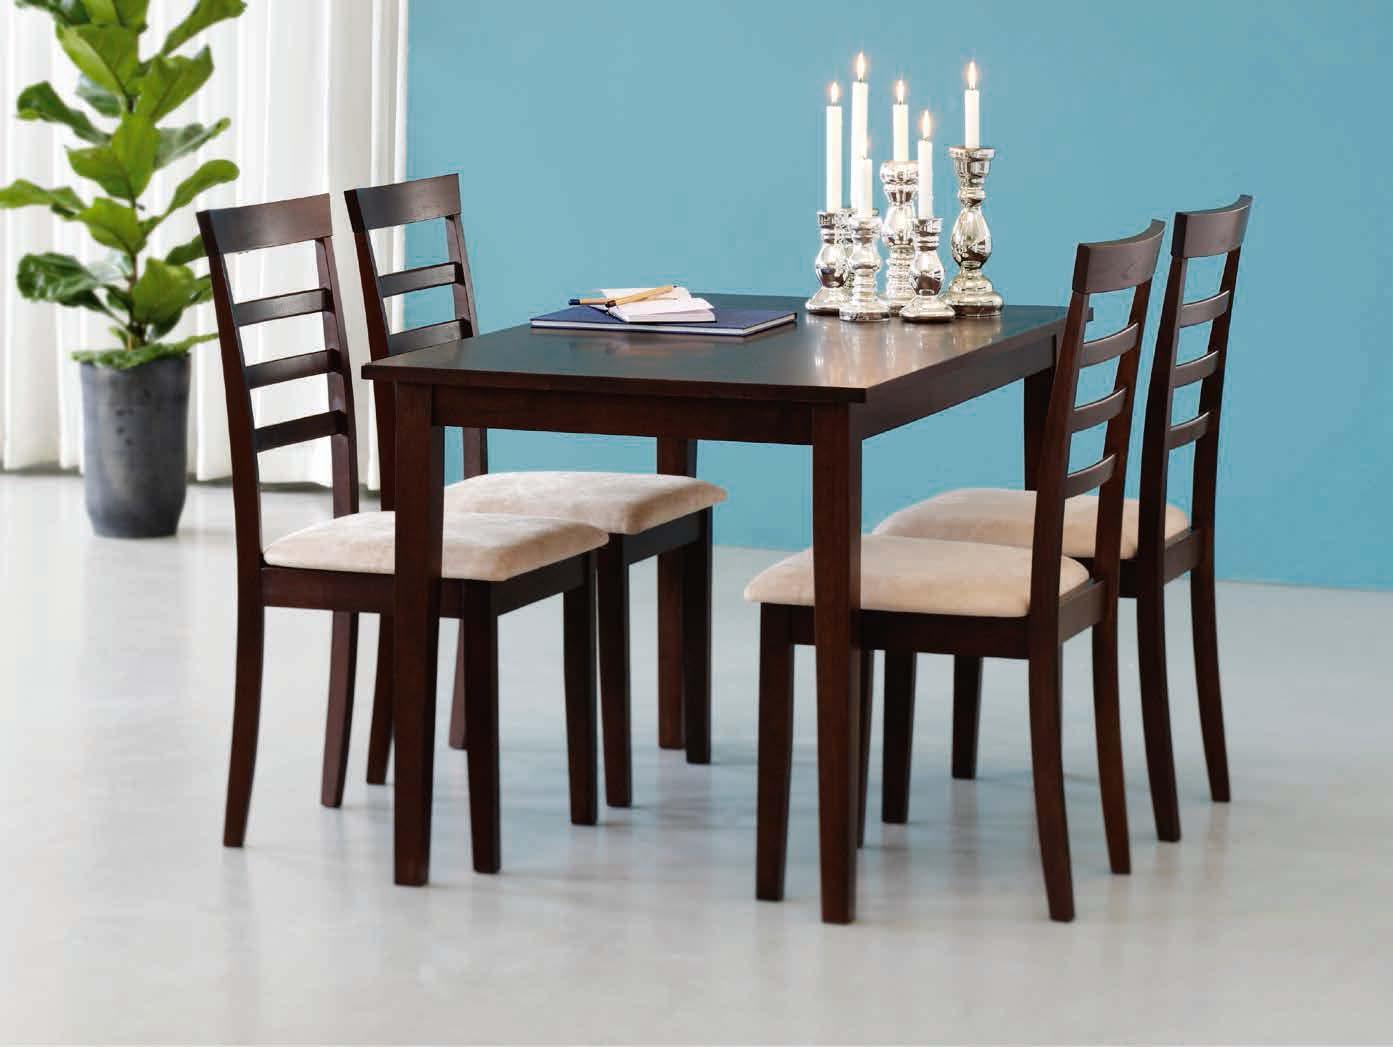 Stół Bjert + 4 krzesła Bjert